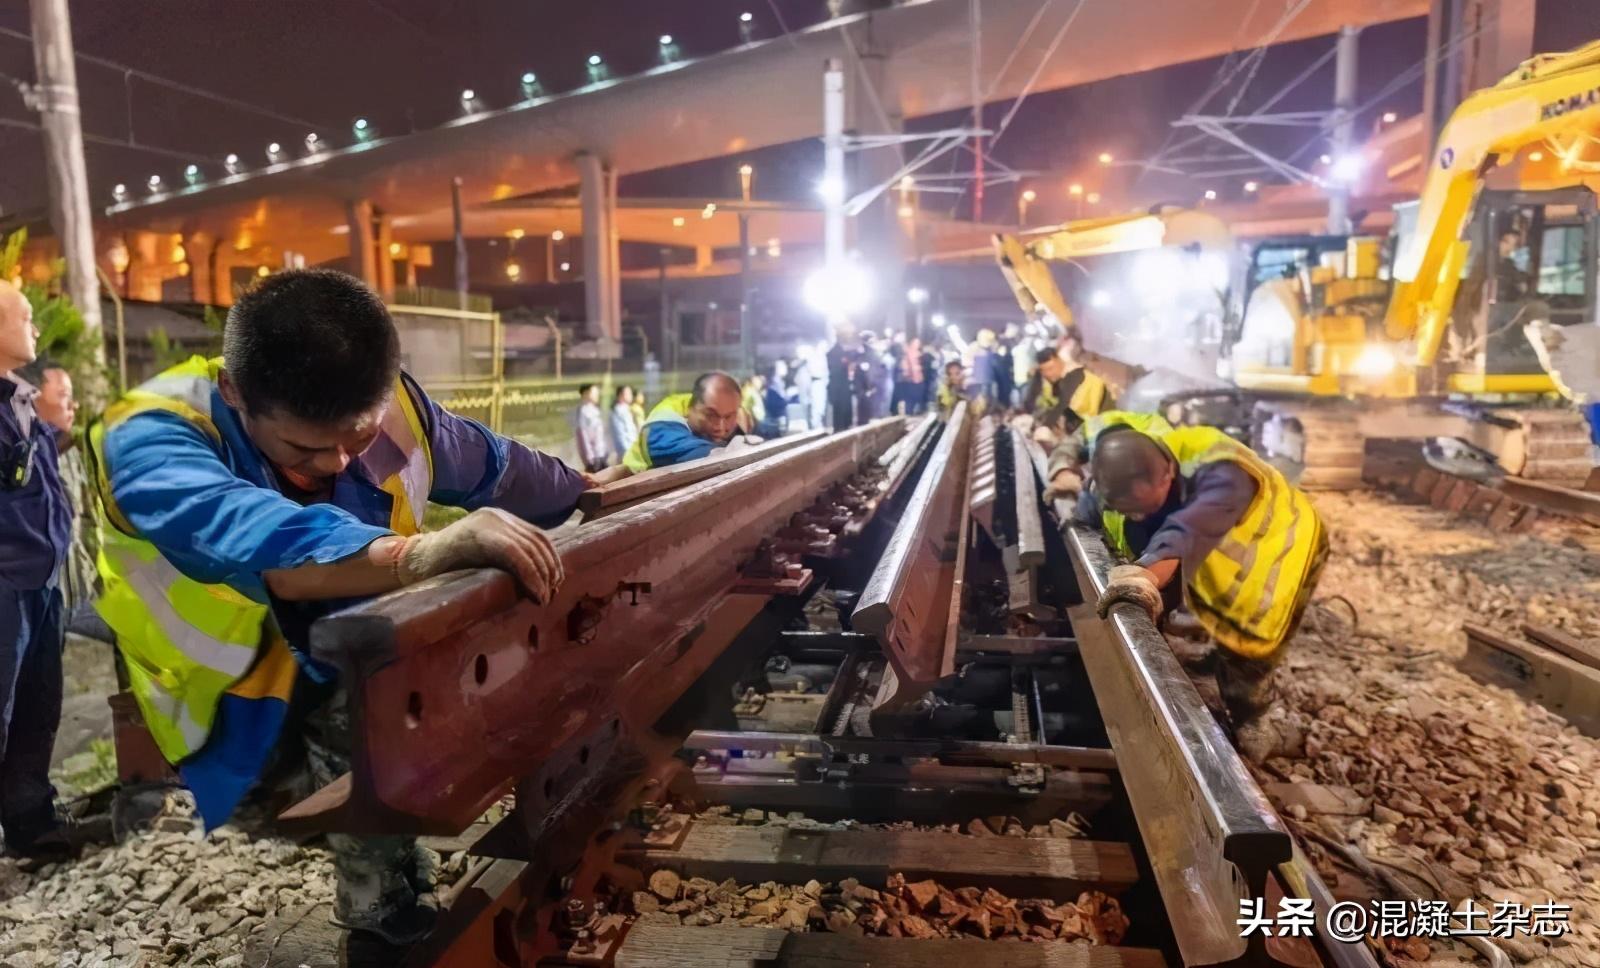 上海地鐵1號線最后一段木枕即將退役,混凝土枕取而代之